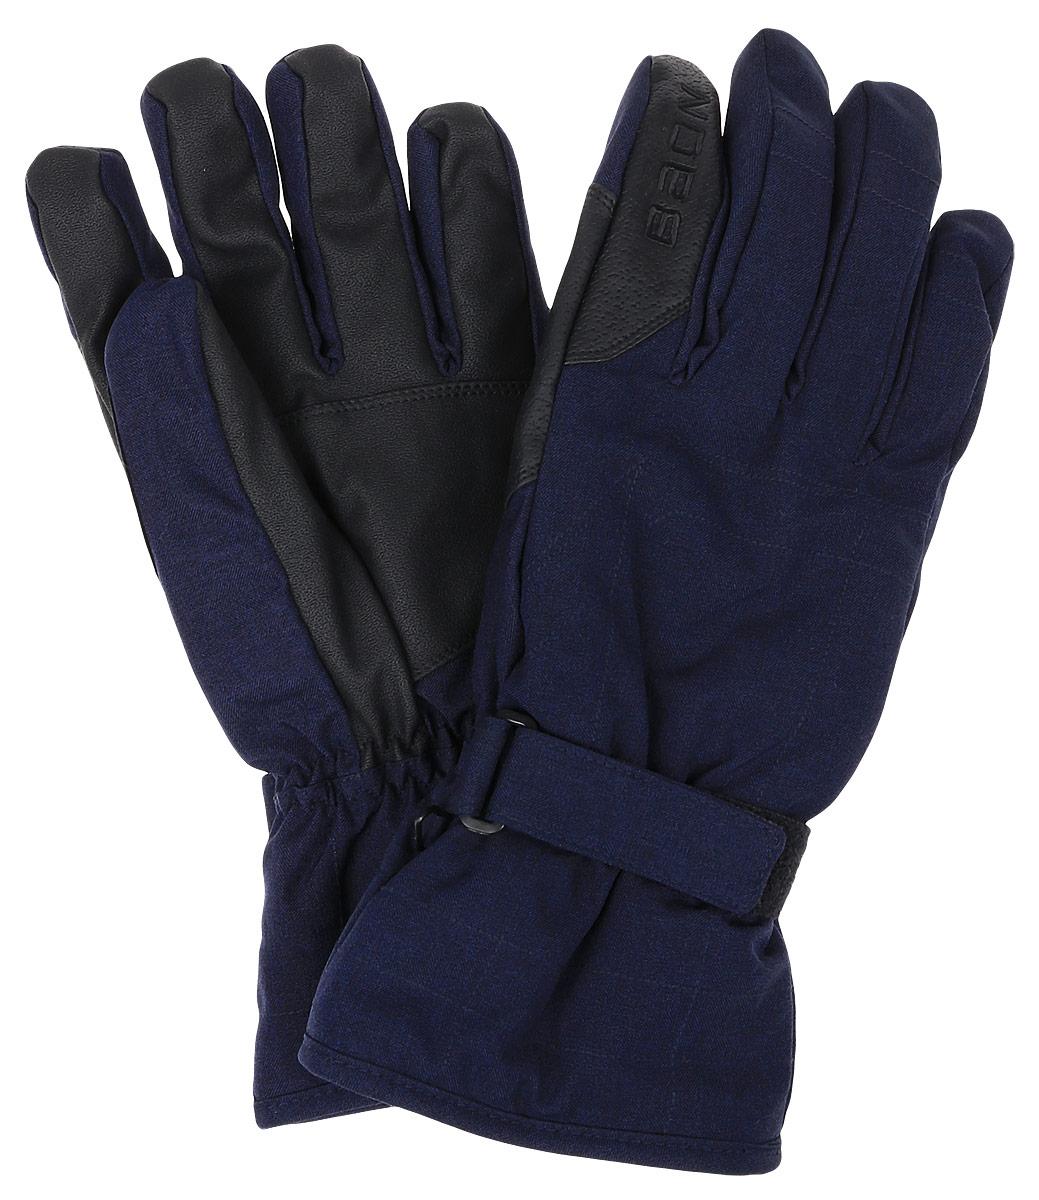 Перчатки мужские Baon, цвет: синий. B866506. Размер XL (52)B866506_DEEP NAVY MELANGEГорнолыжные перчатки Baon разработаны специально для поклонников зимних видов спорта. Модель легко снимается и в то же время надежно фиксируется на руке благодаря эластичной вставке на манжете и клапану на липучке, регулирующему объем. Подкладка изделия выполнена из мягкого полиэстера. Ладонная часть выполнена из прочного материала, препятствующего скольжению. Для удобного хранения перчатки оснащены пластиковой застежкой, соединяющей их вместе.